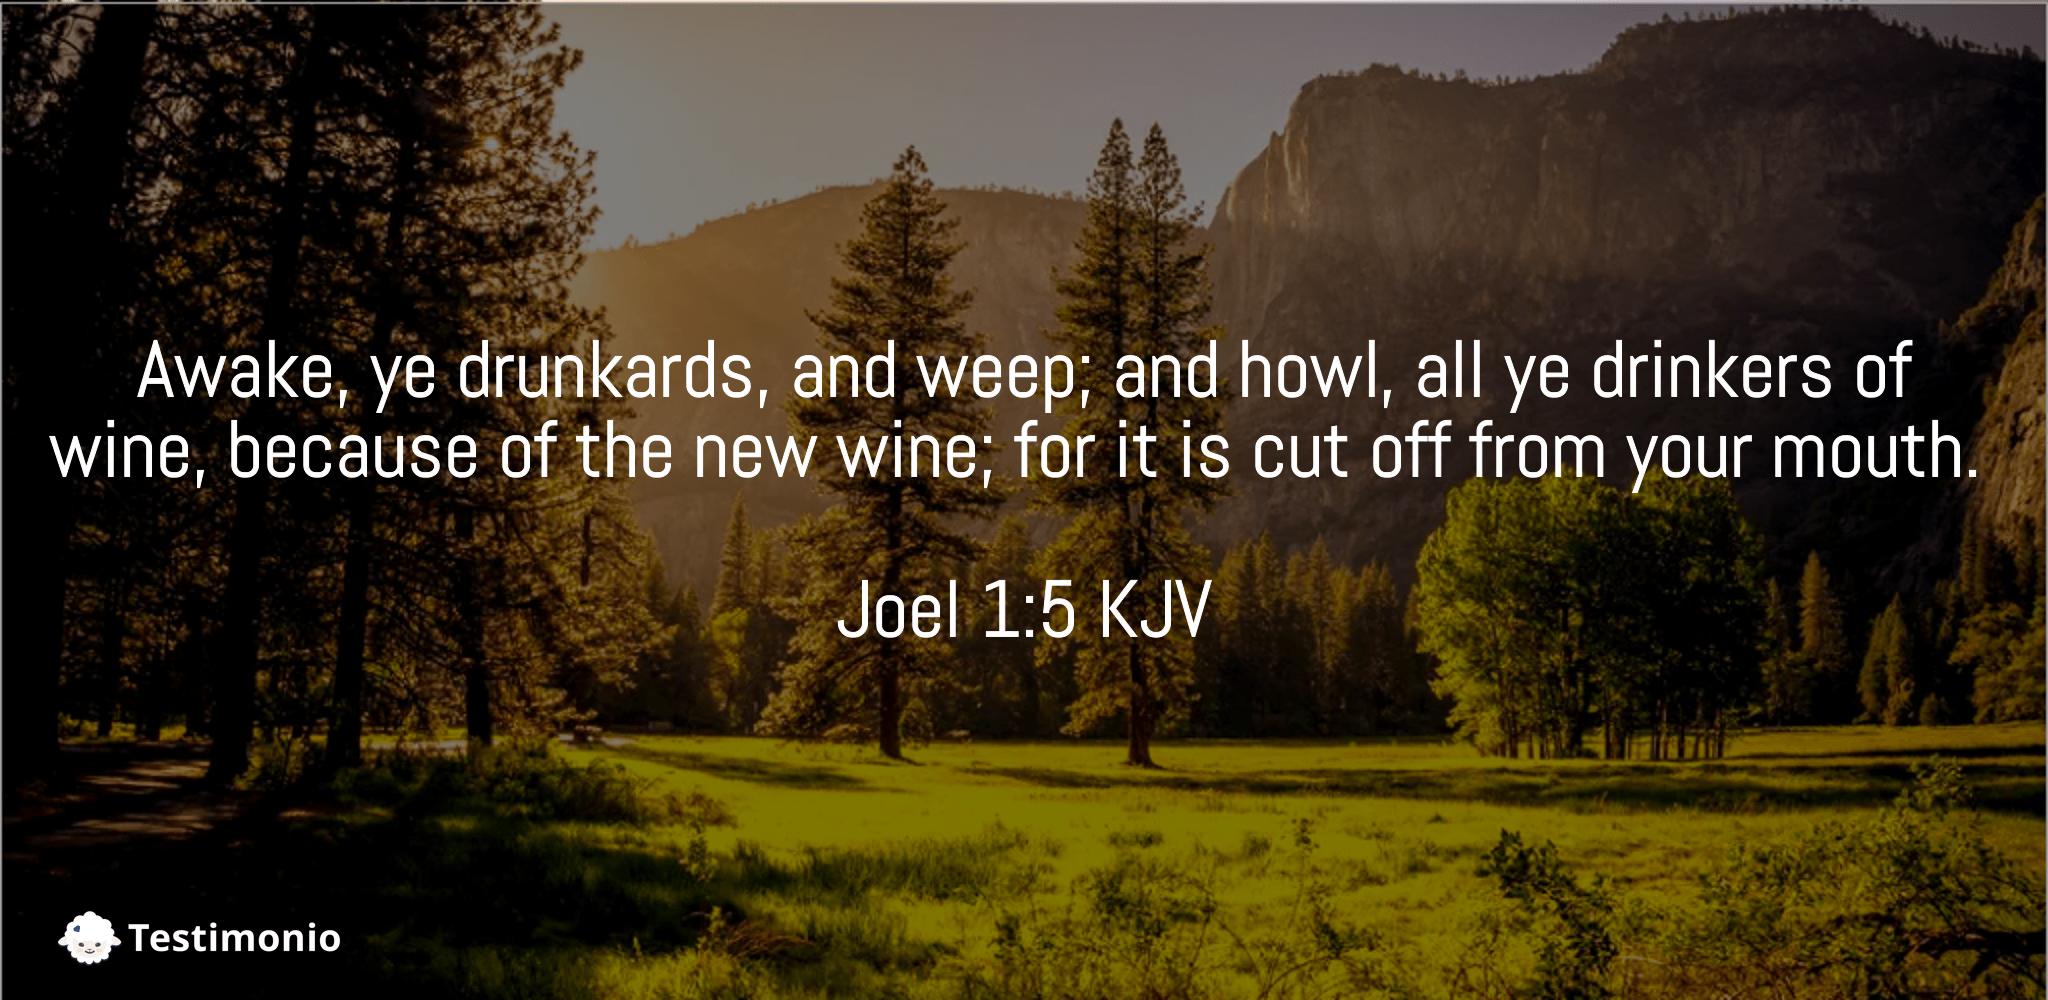 Joel 1:5